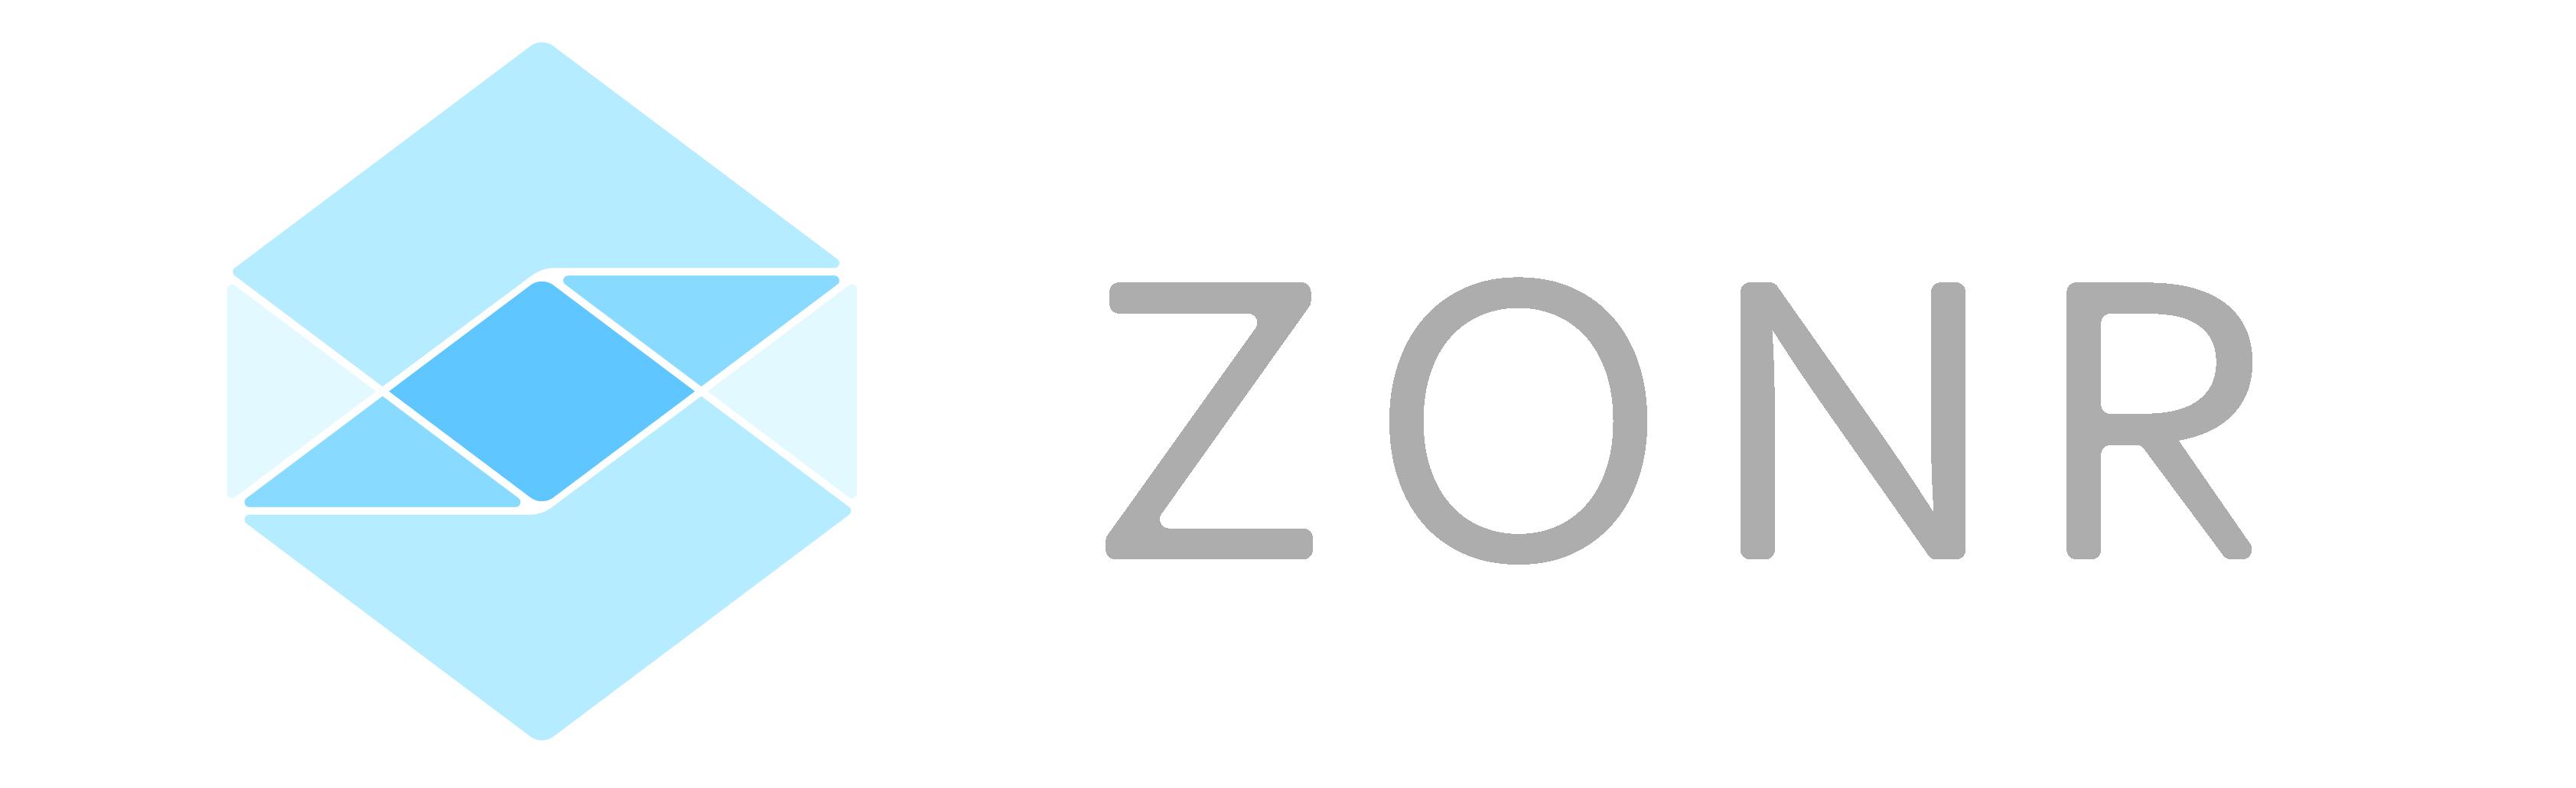 zonr-logo-04